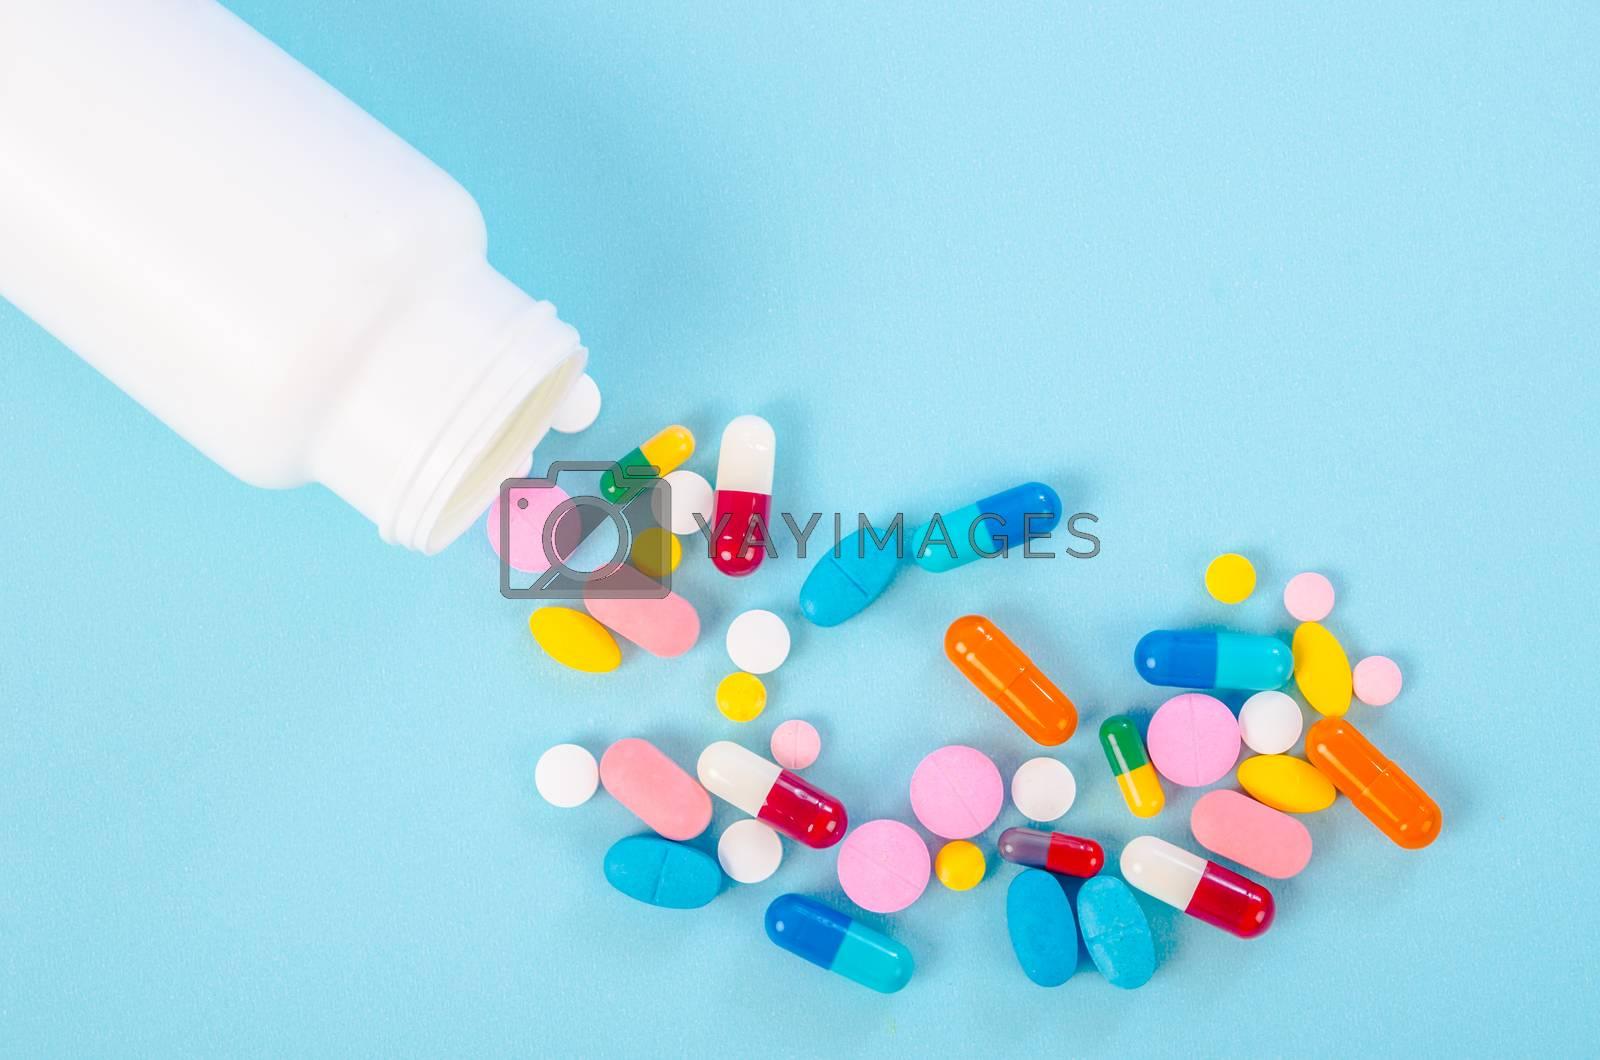 Medical pills and tablets spilling out of a drug bottle on blue background.